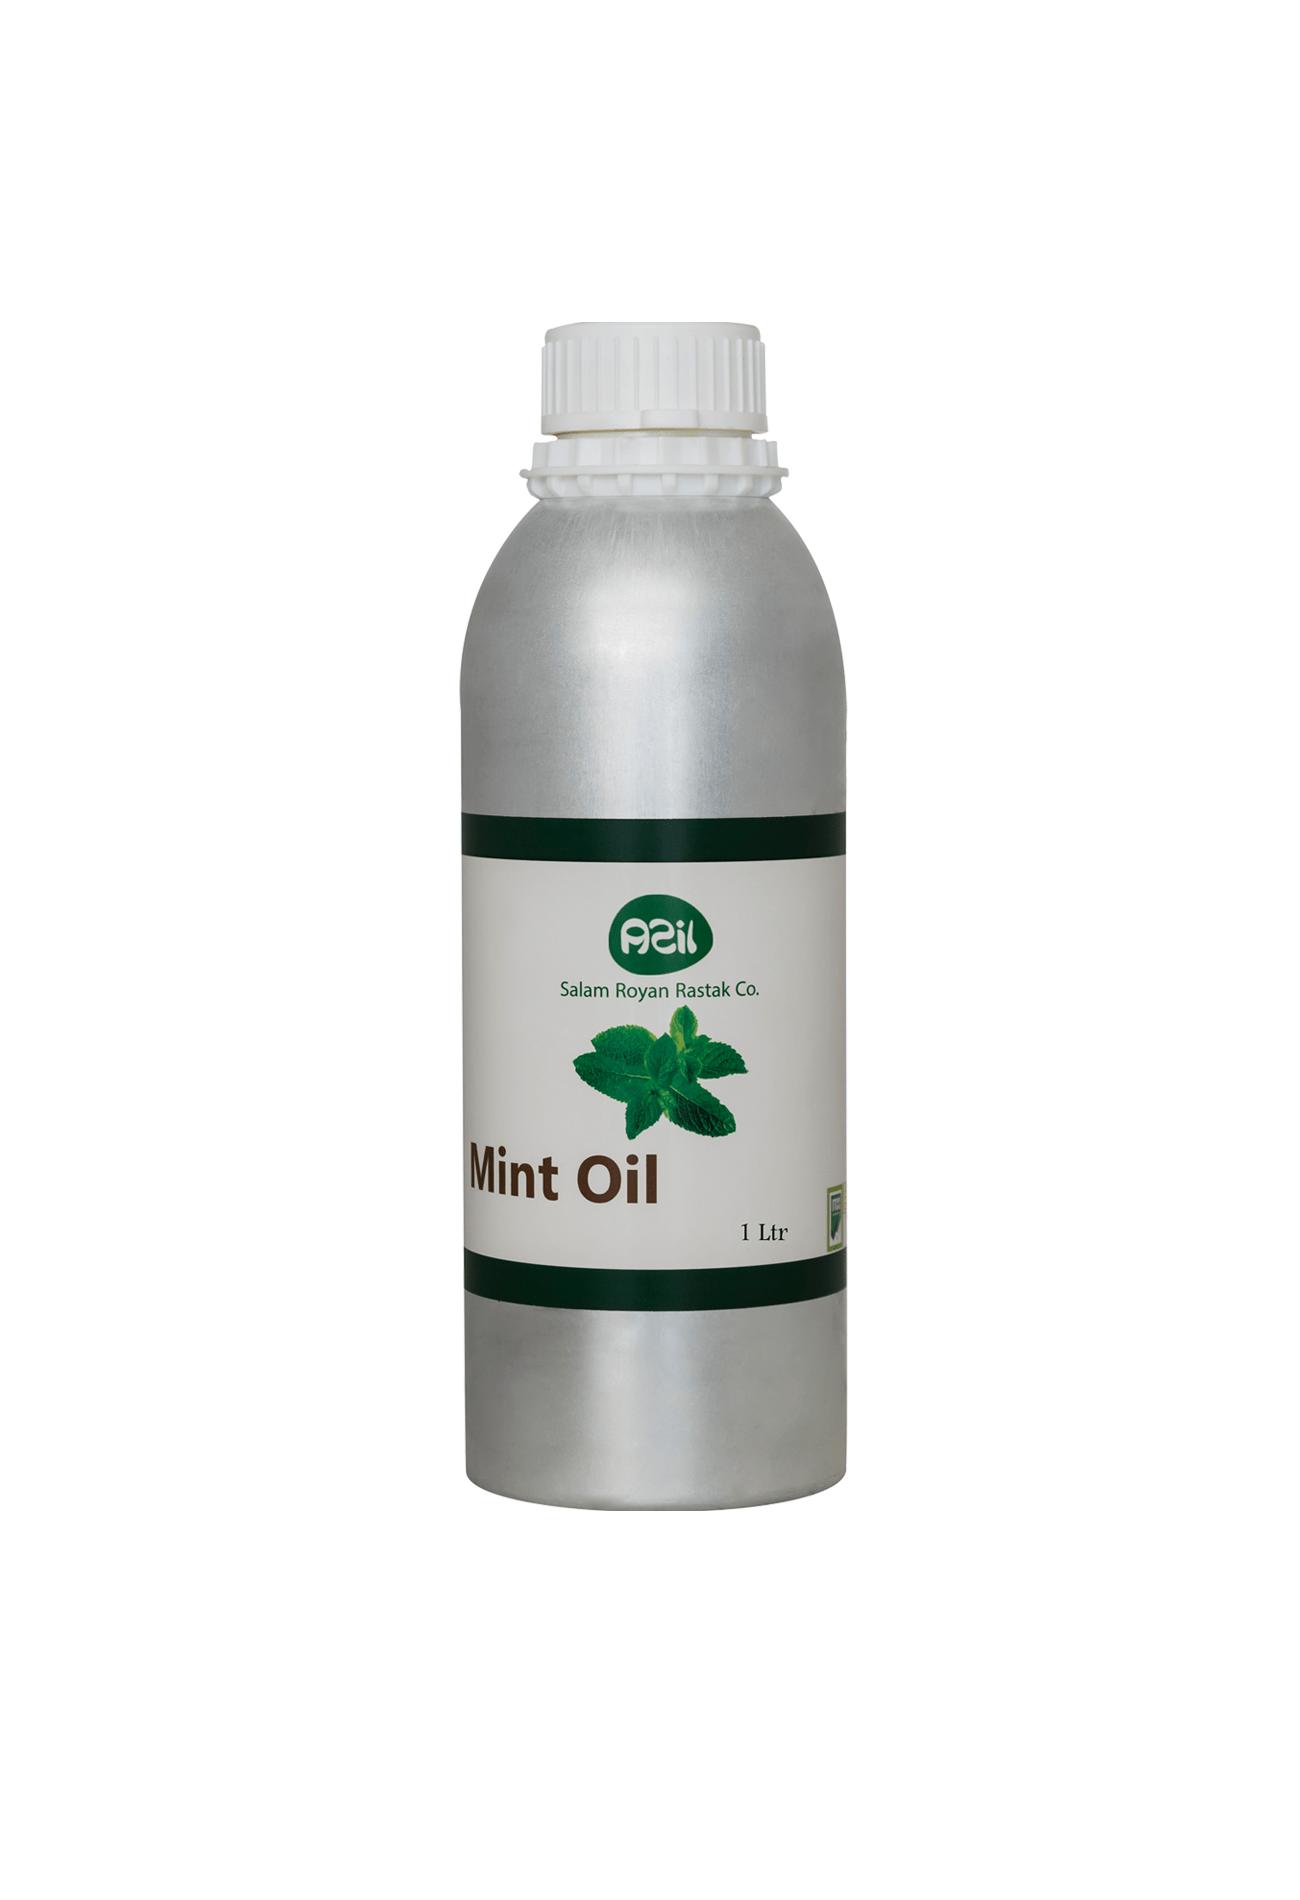 Mint Oil - Azil Mint Oil